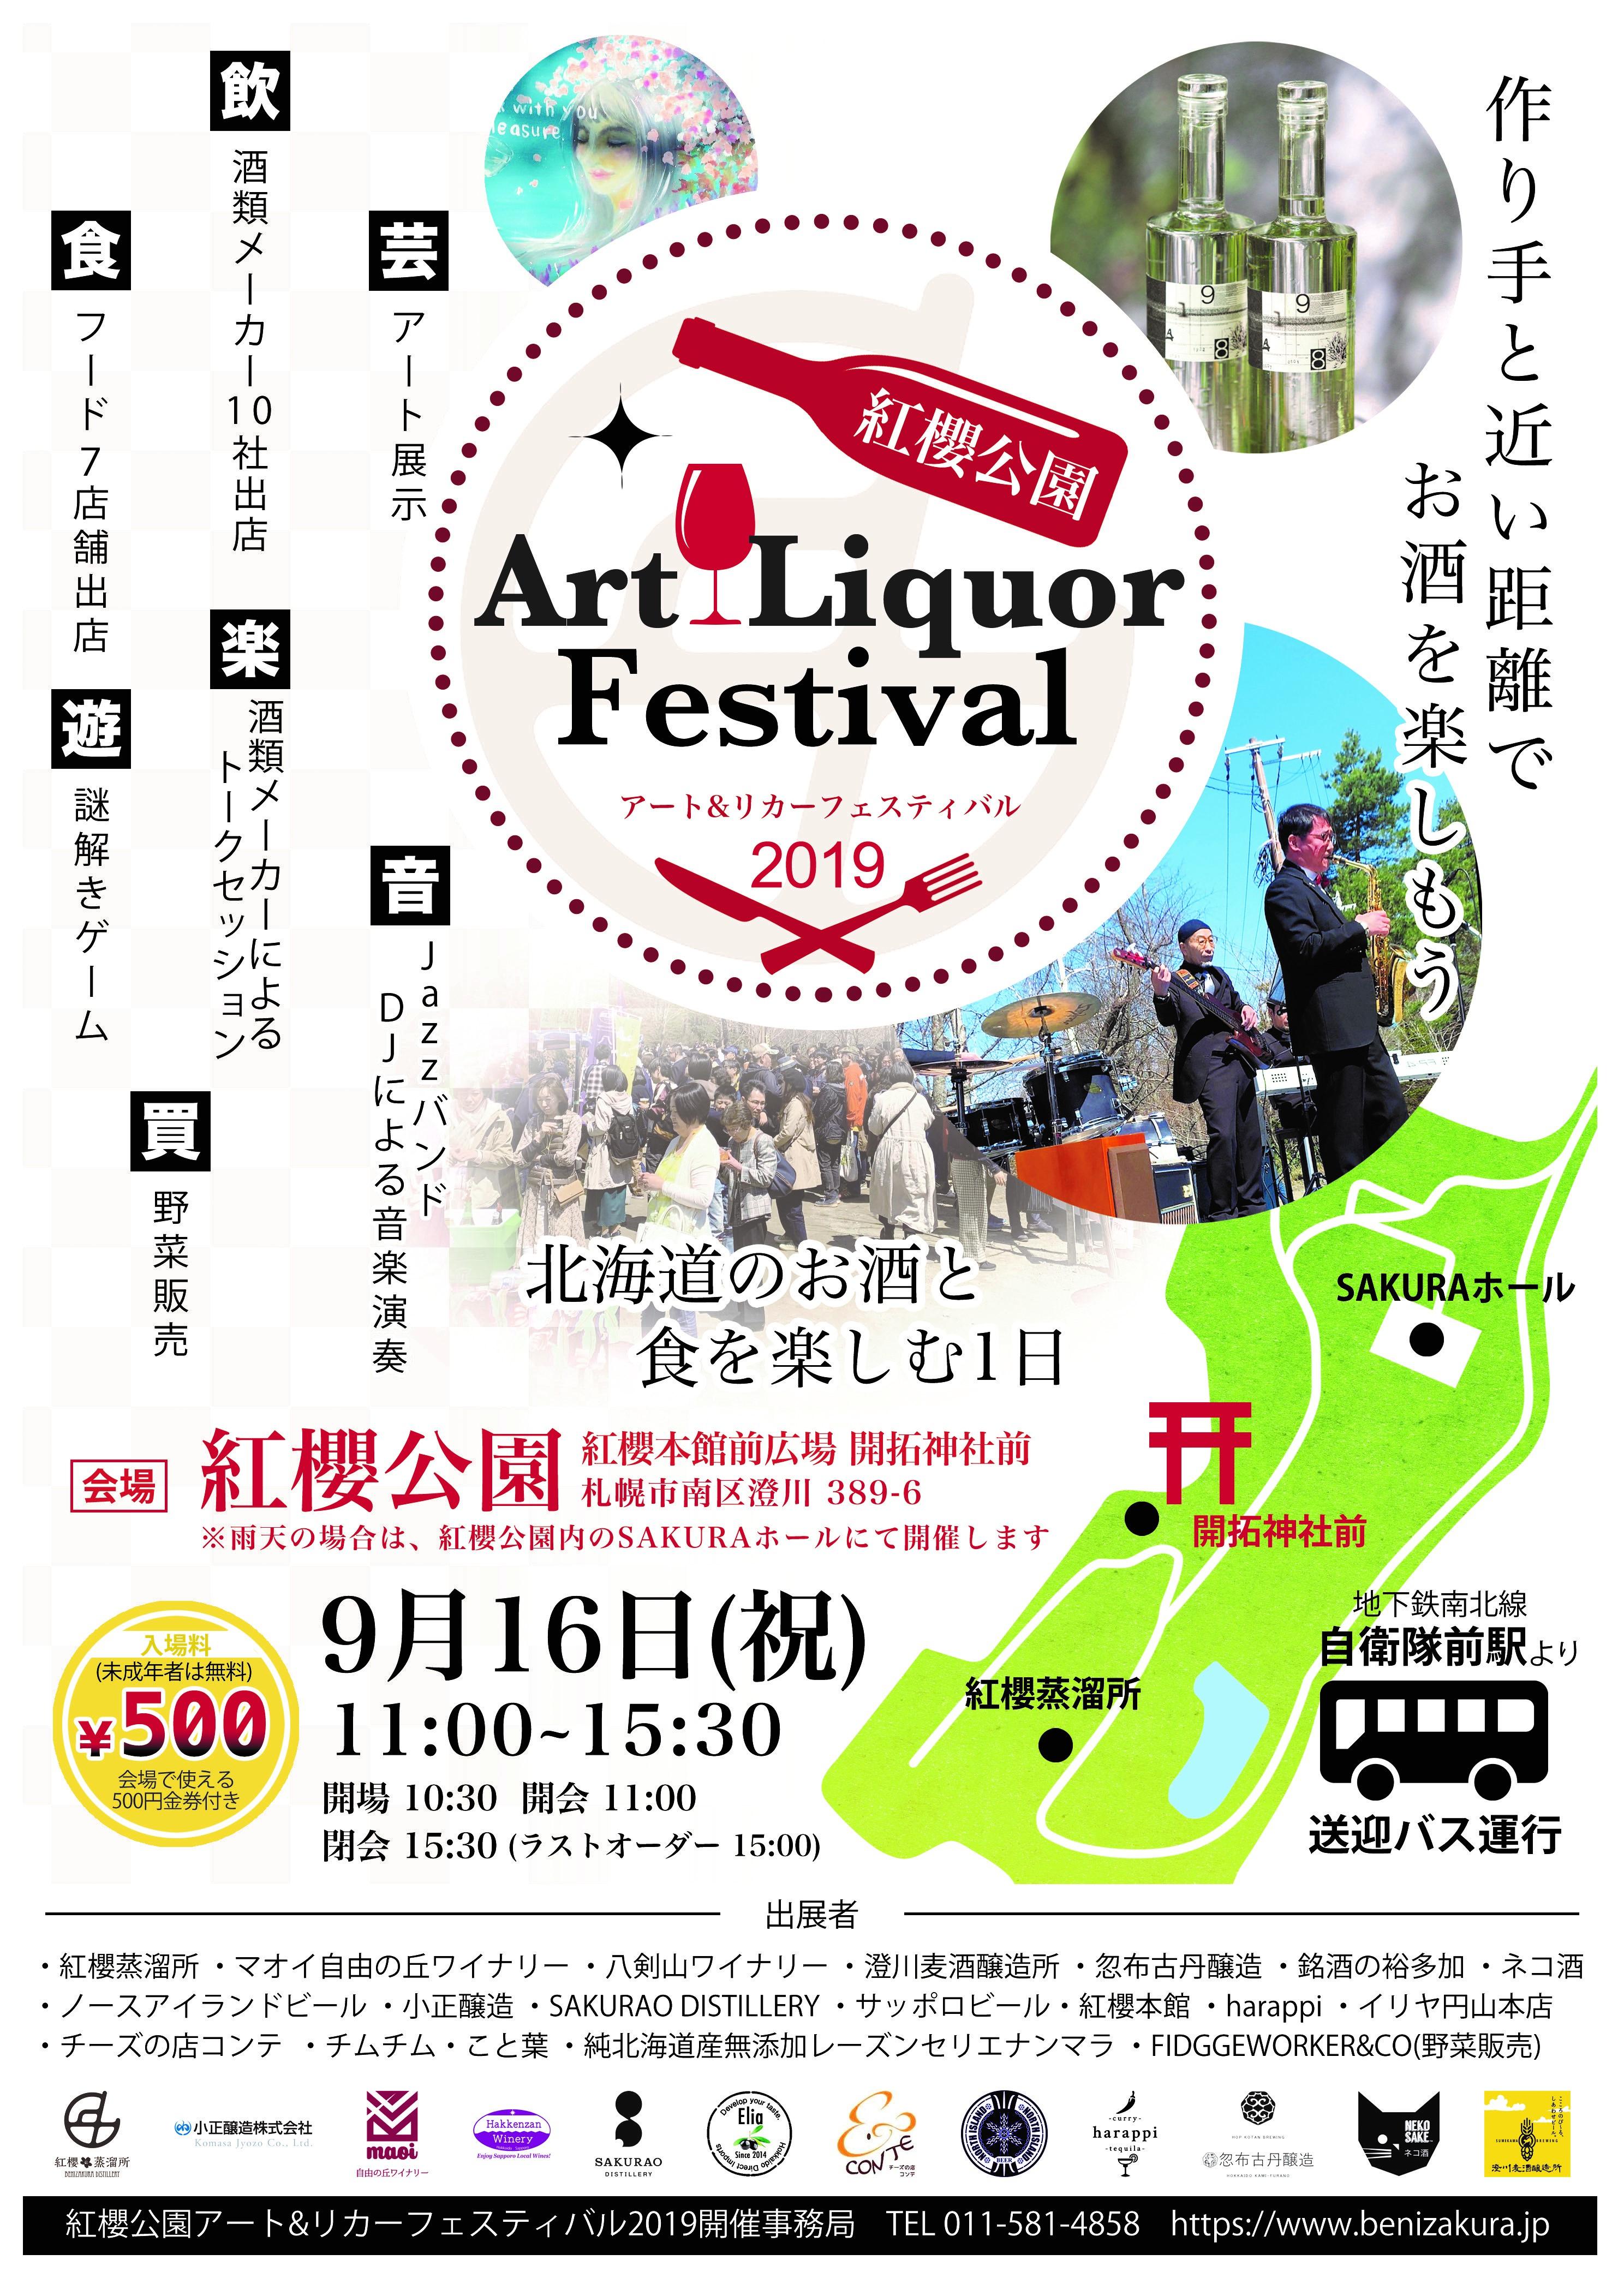 【9月13日更新】紅櫻公園アート&リカーフェスティバル2019開催